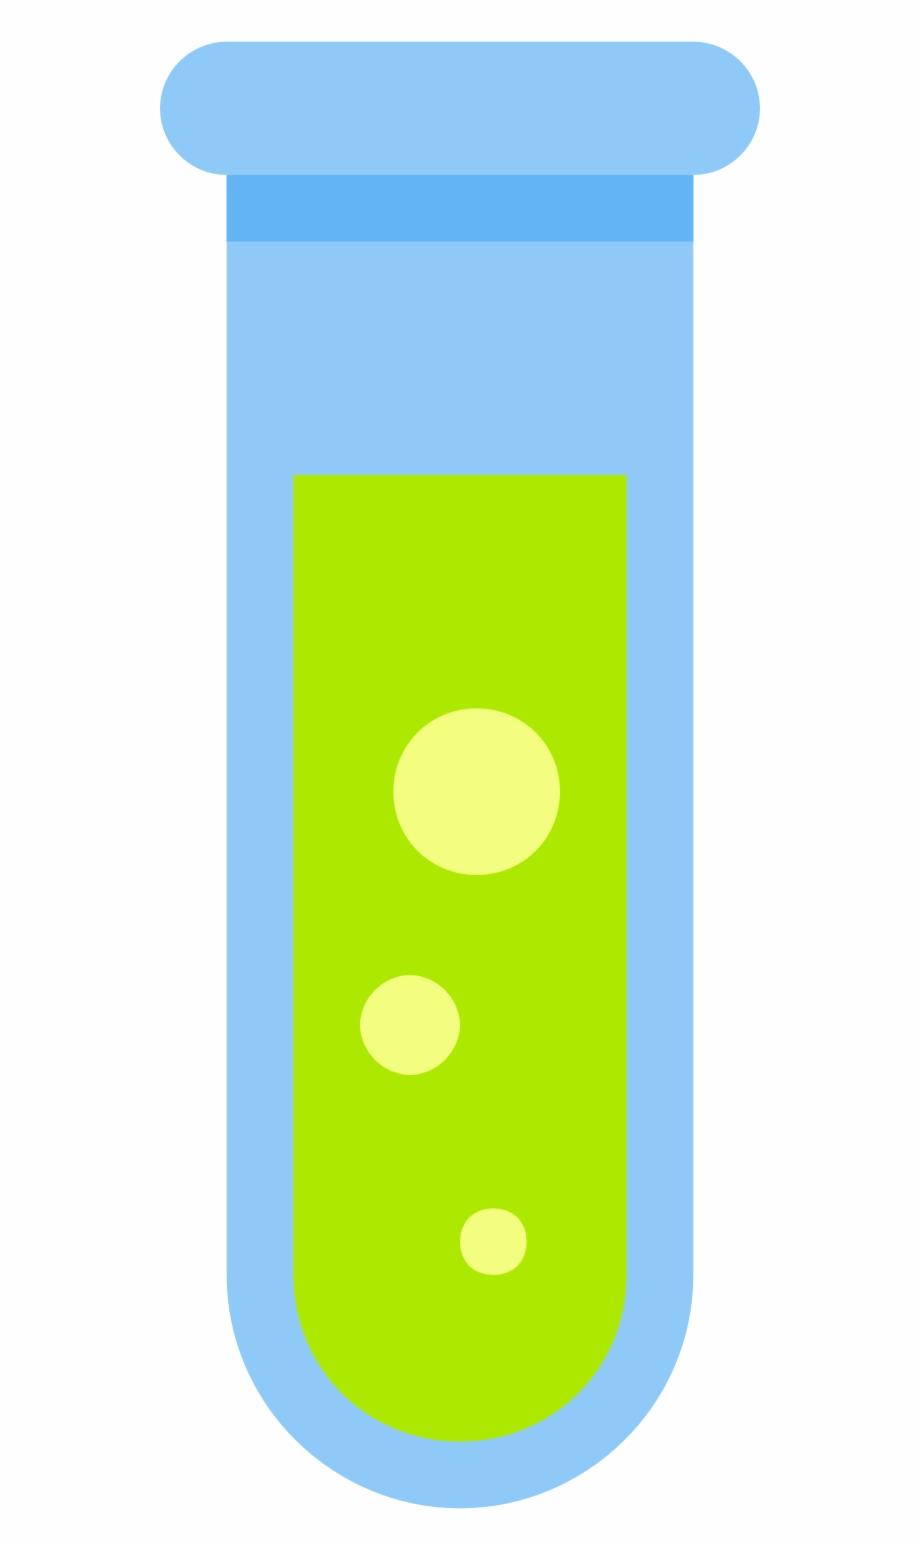 Thin Test Tube Icon.